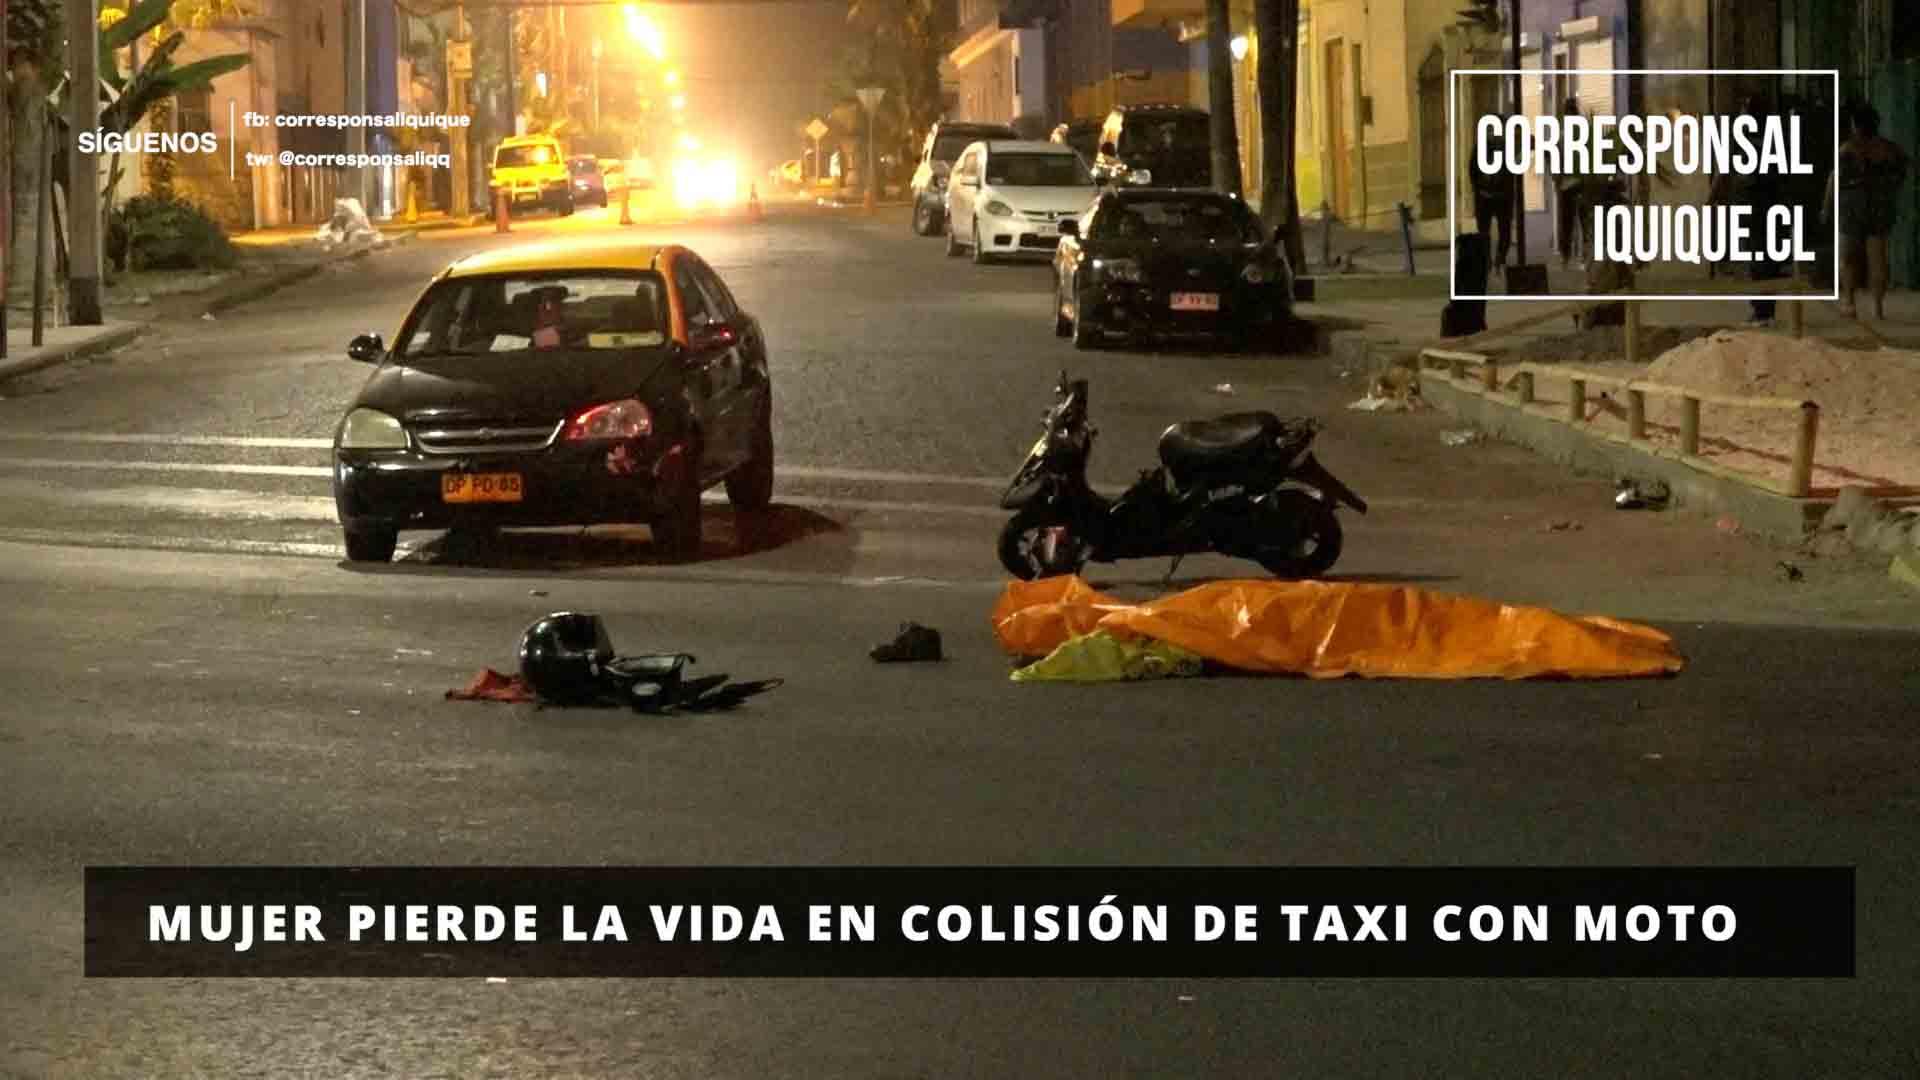 Photo of Mujer pierde la vida en colisión de taxi con moto